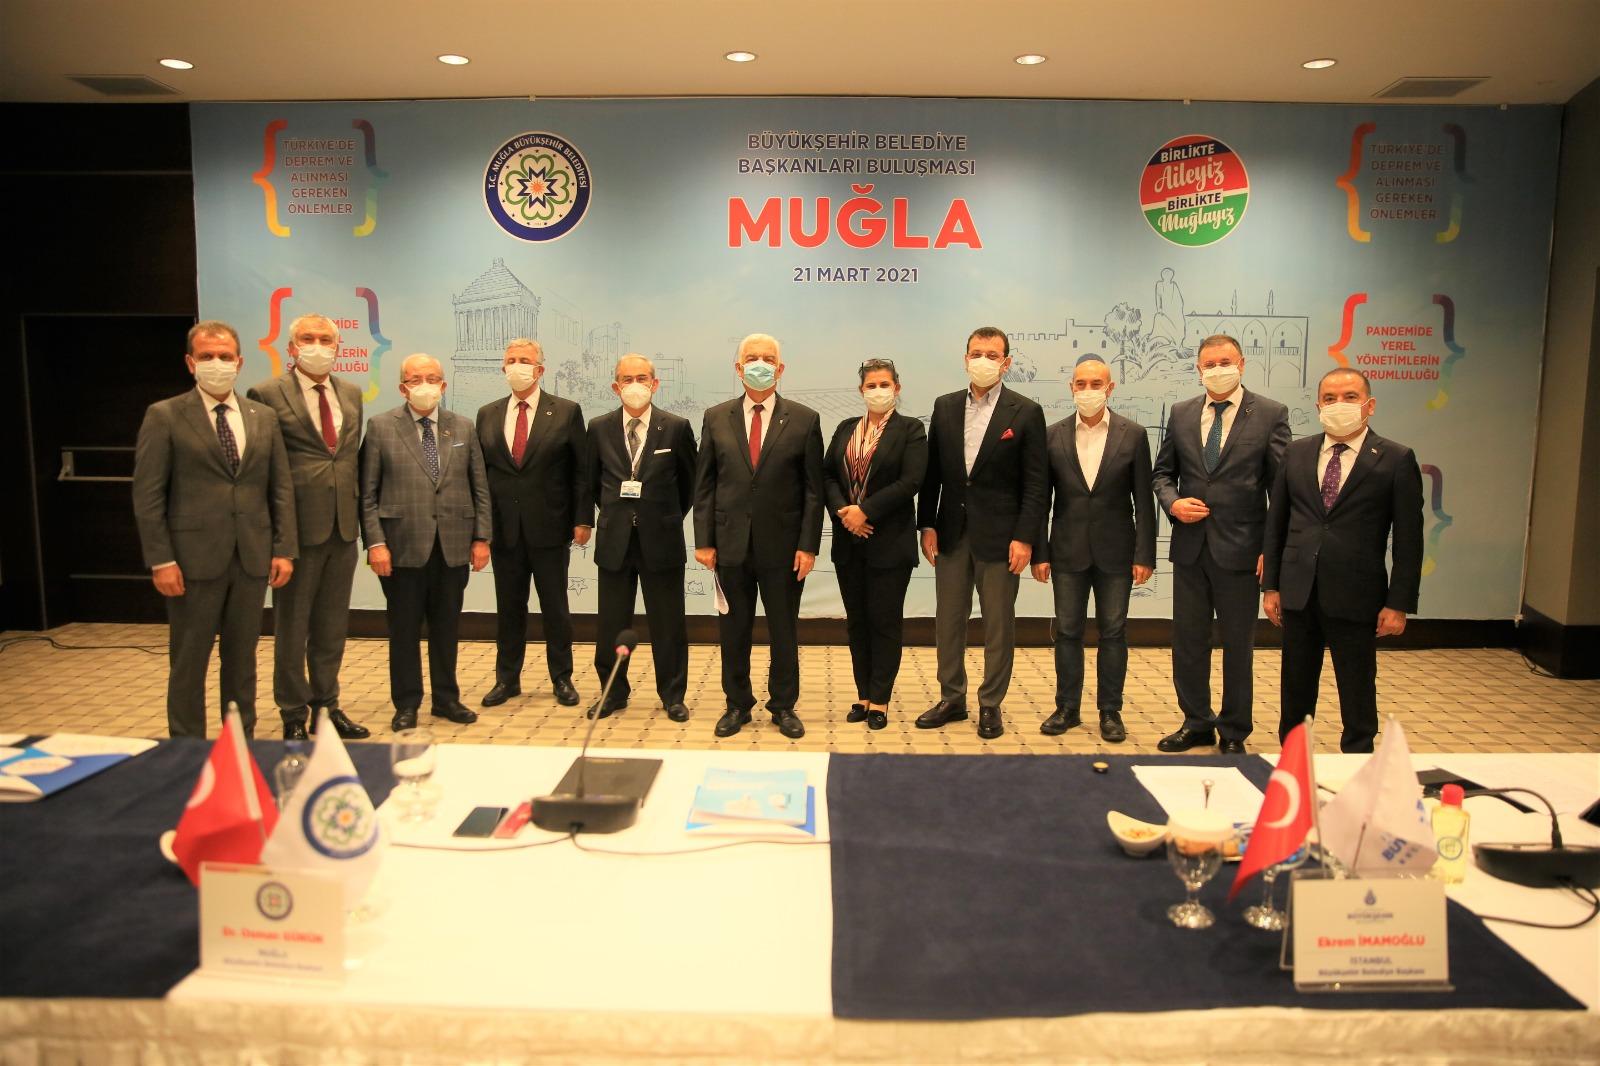 11 Büyükşehir Belediye Başkanı: İstanbul Sözleşmesi'nin feshi insan haklarına ağır darbe